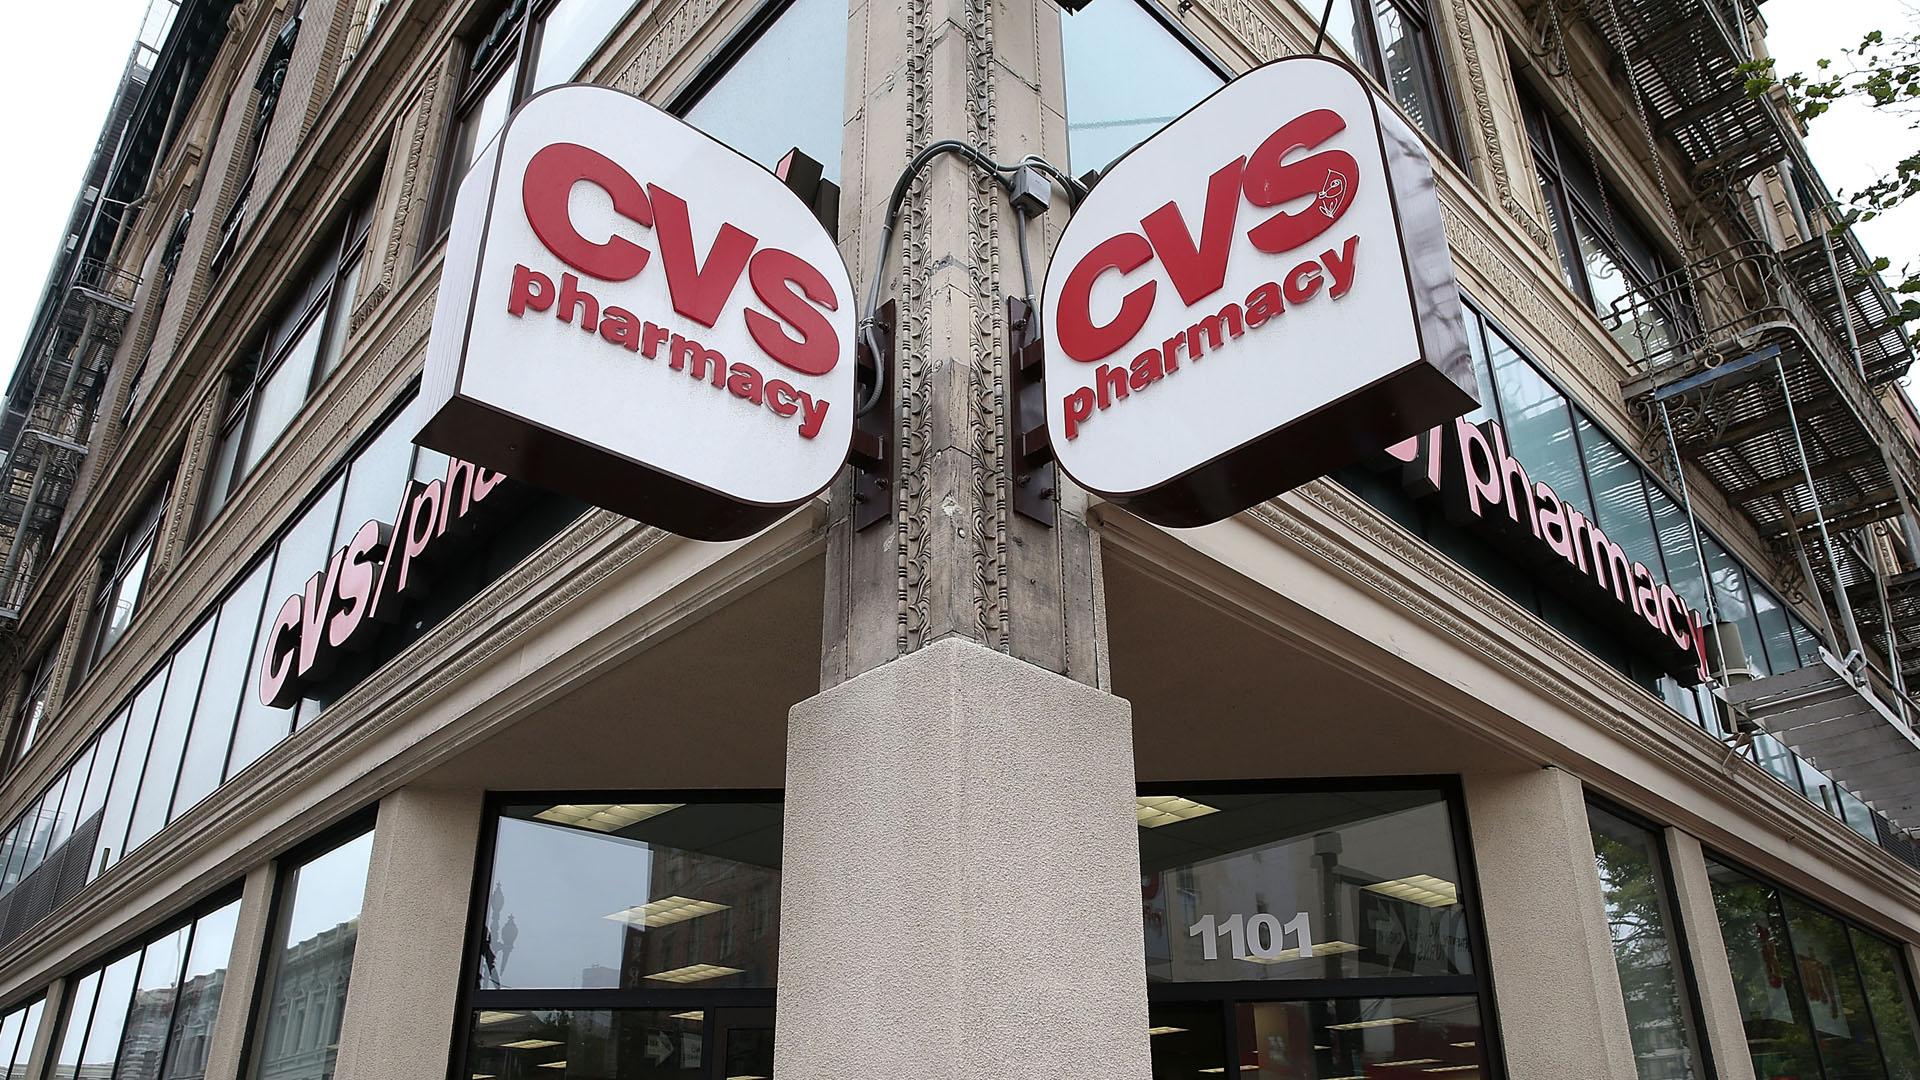 CVS store, San Francisco, California04202106-159532